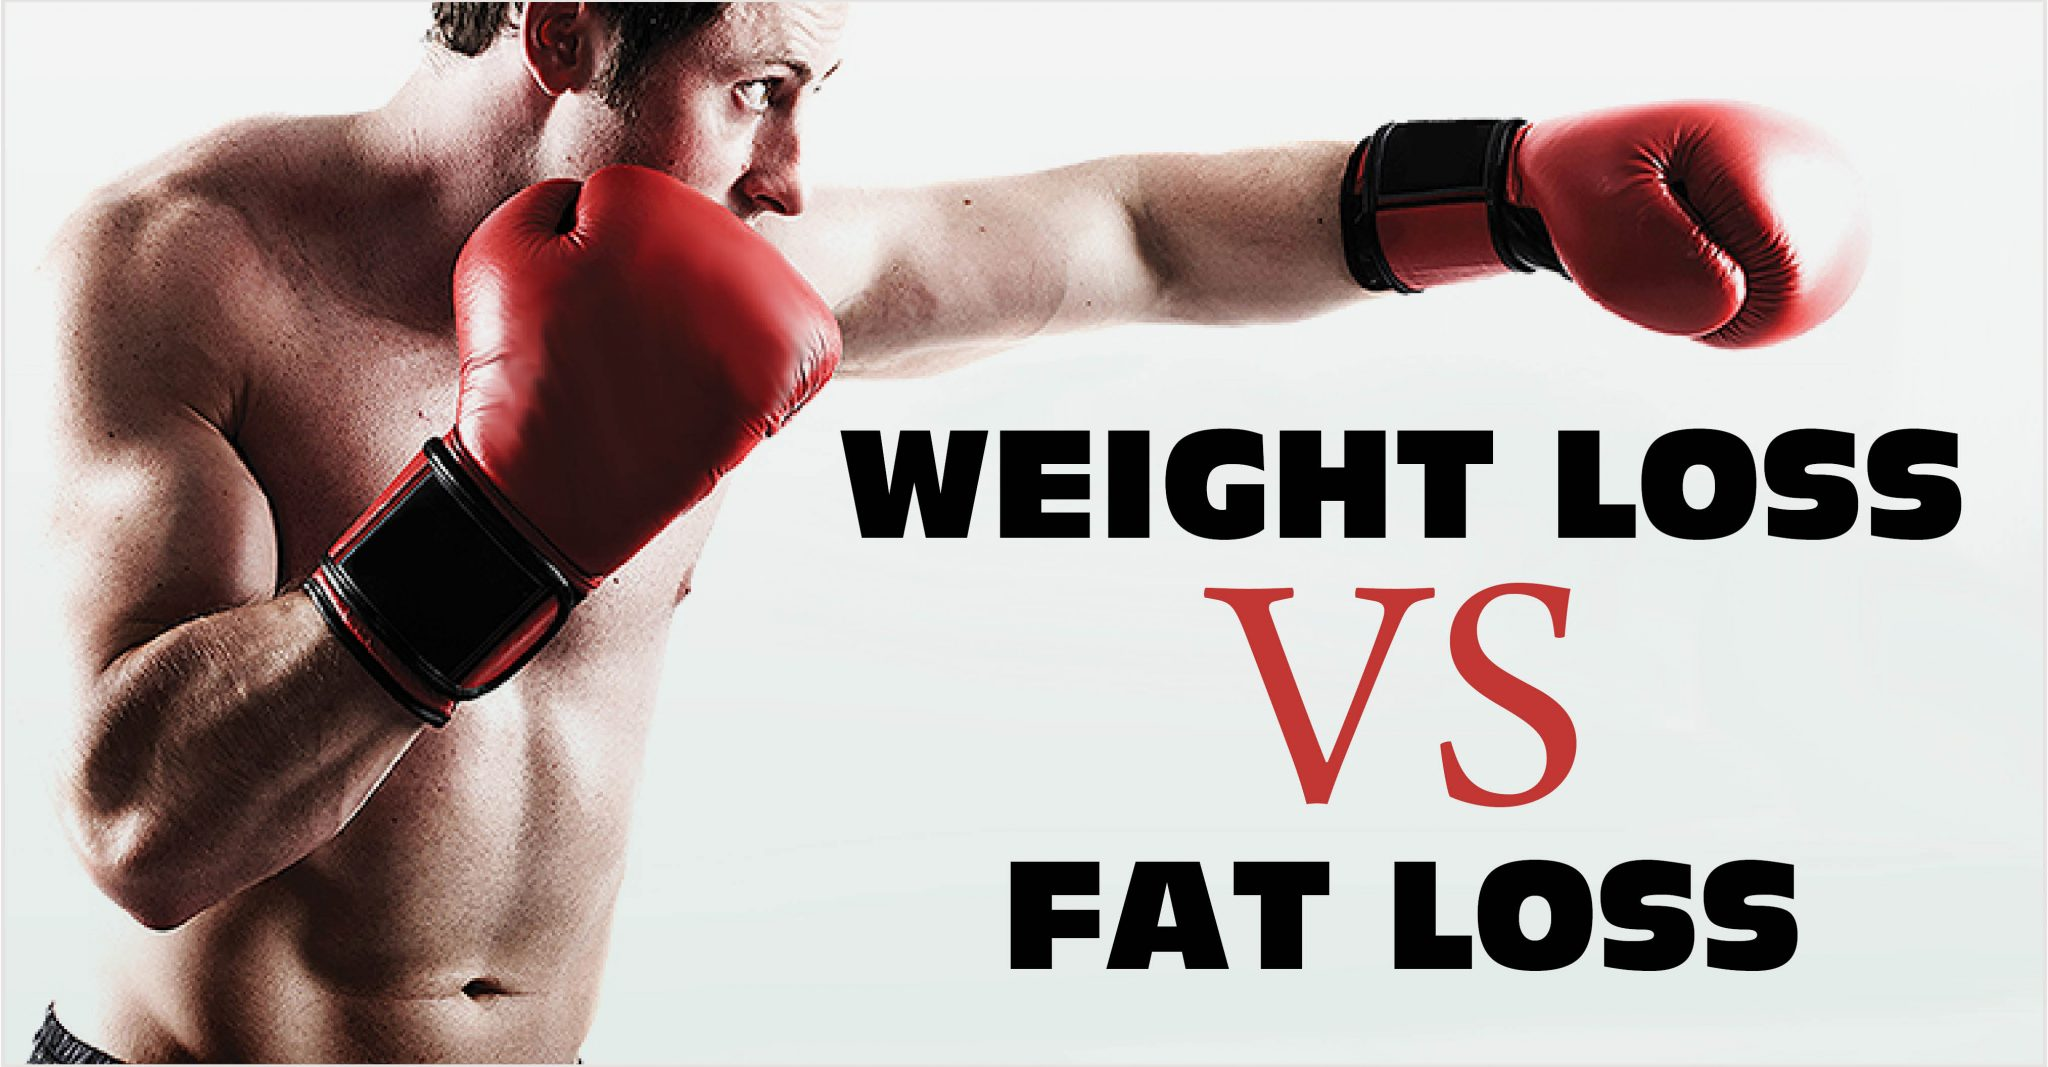 Cum să câștigi în greutate și să pierzi grăsimea de pe burtă - Sănătate -